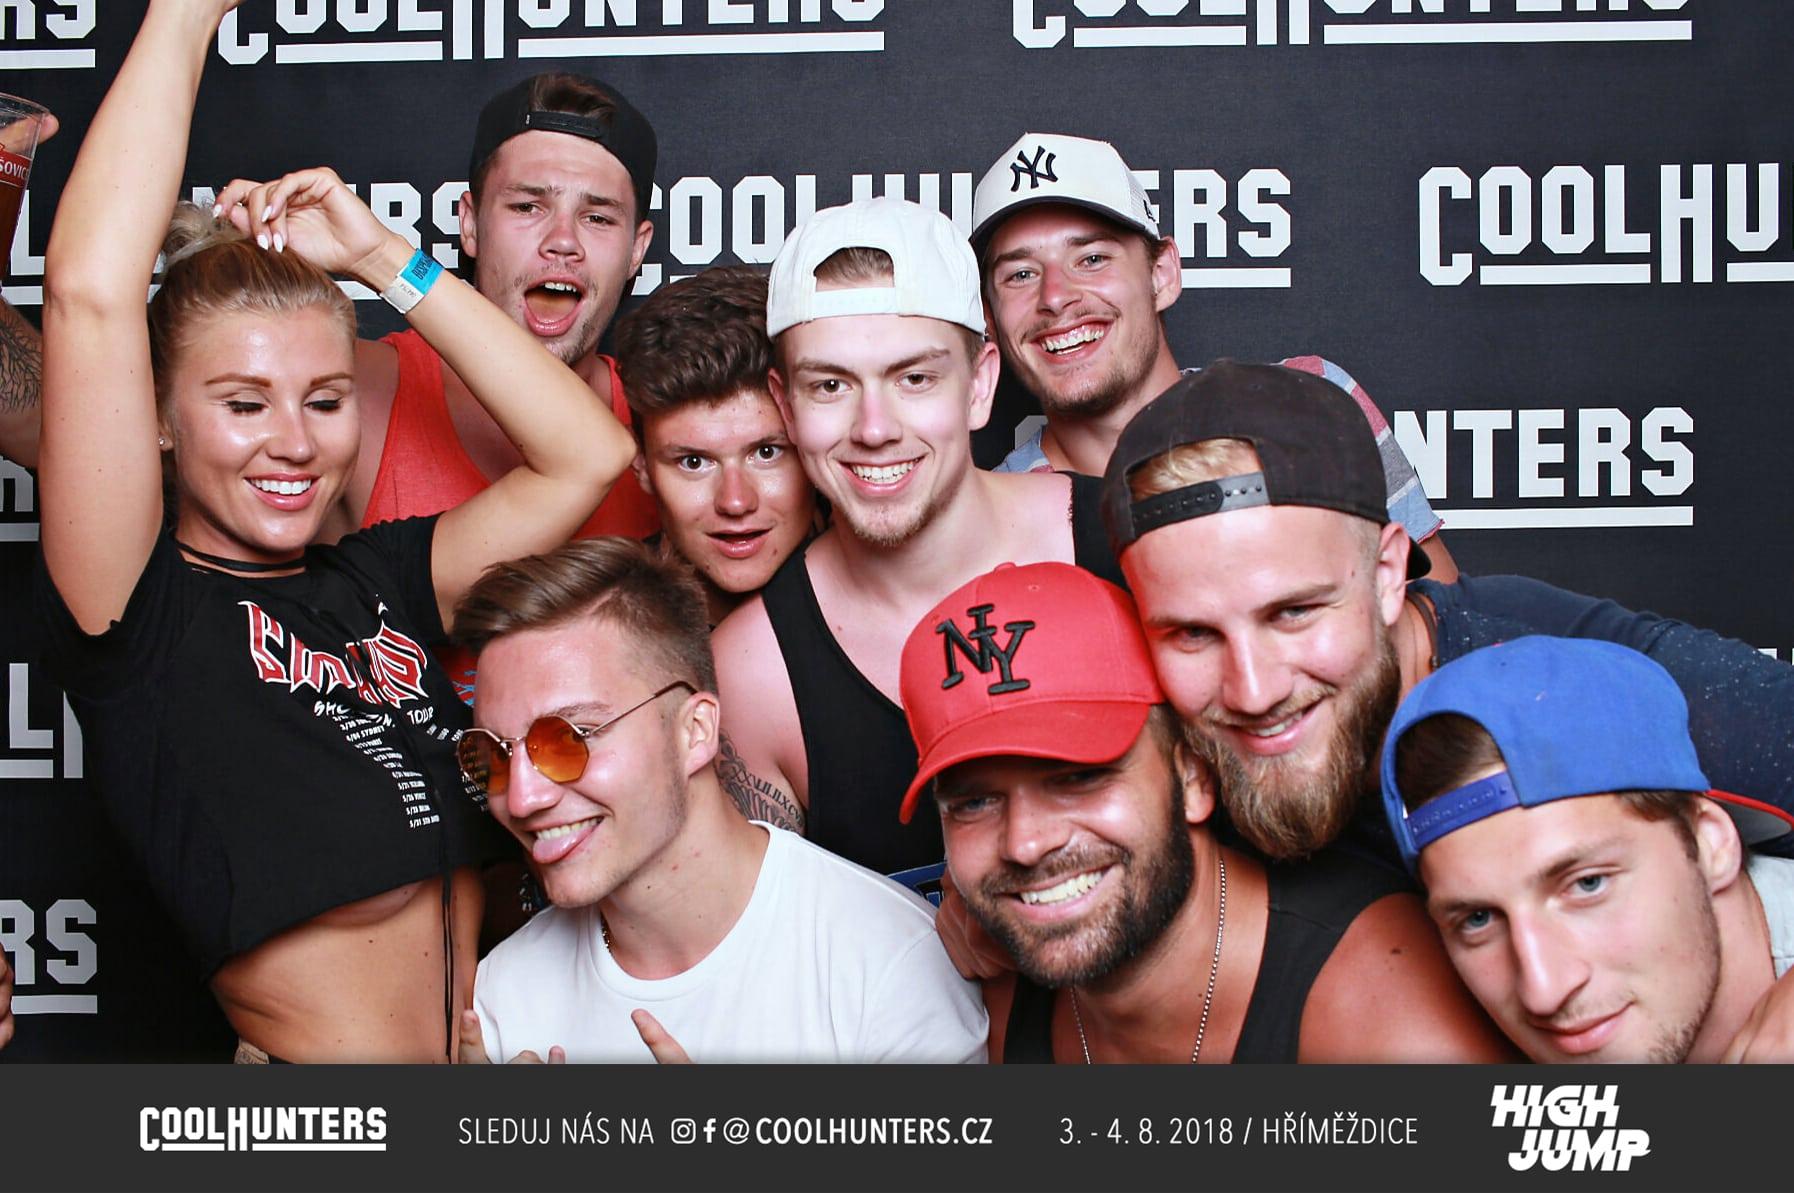 fotokoutek-coolhunters-high-jump-4-8-2018-469659